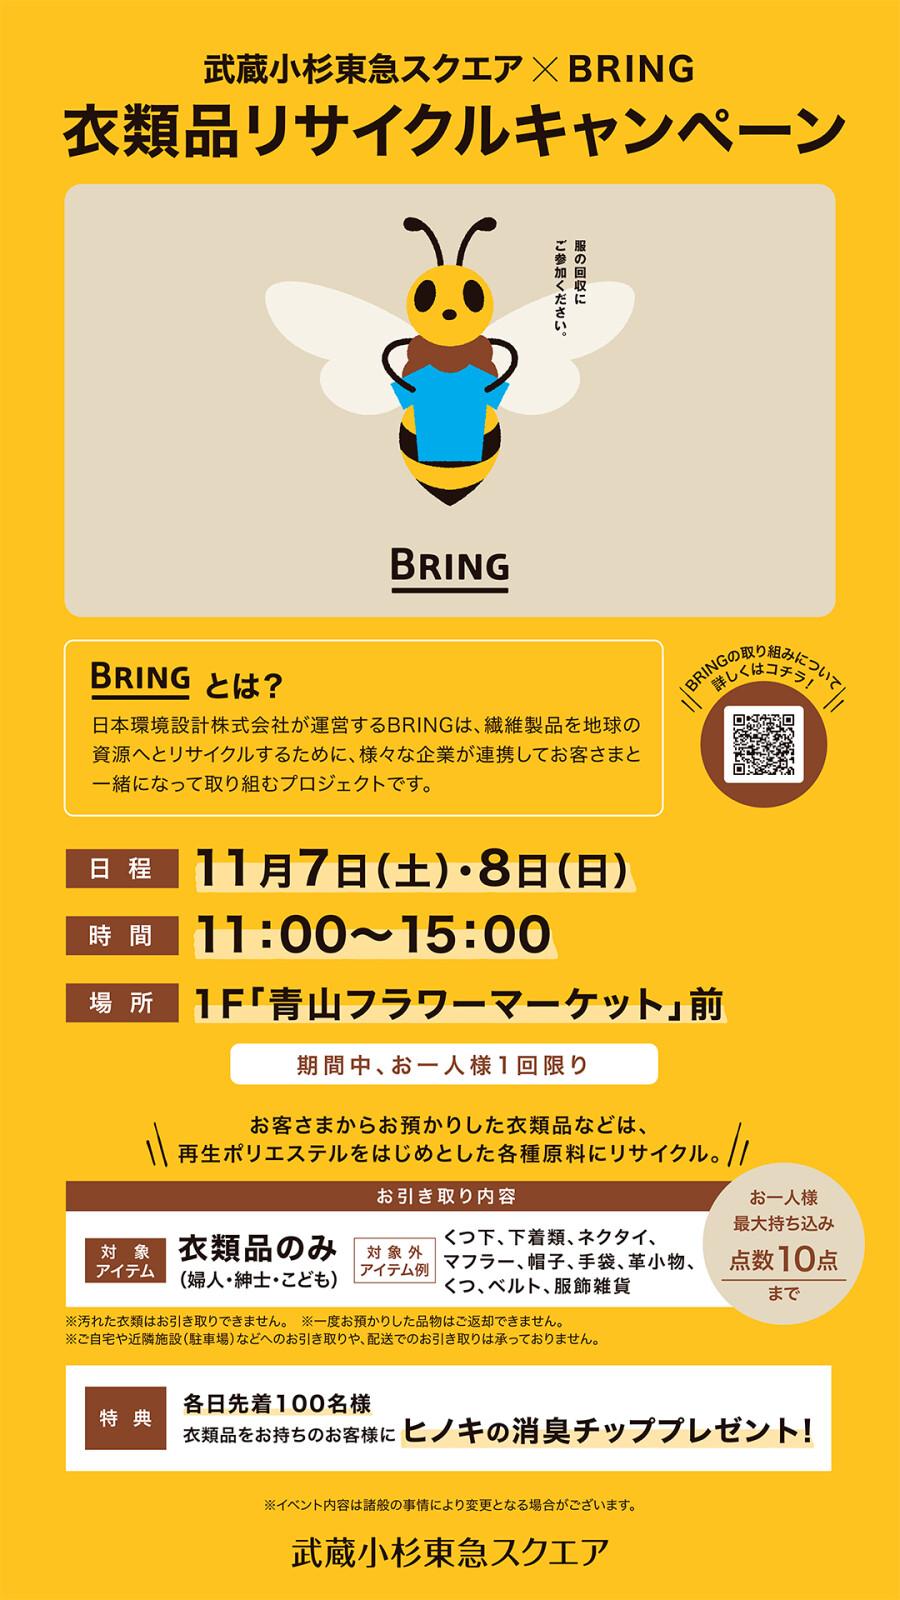 武蔵小杉東急スクエア×BRING 衣類品リサイクルキャンペーン【ご報告】